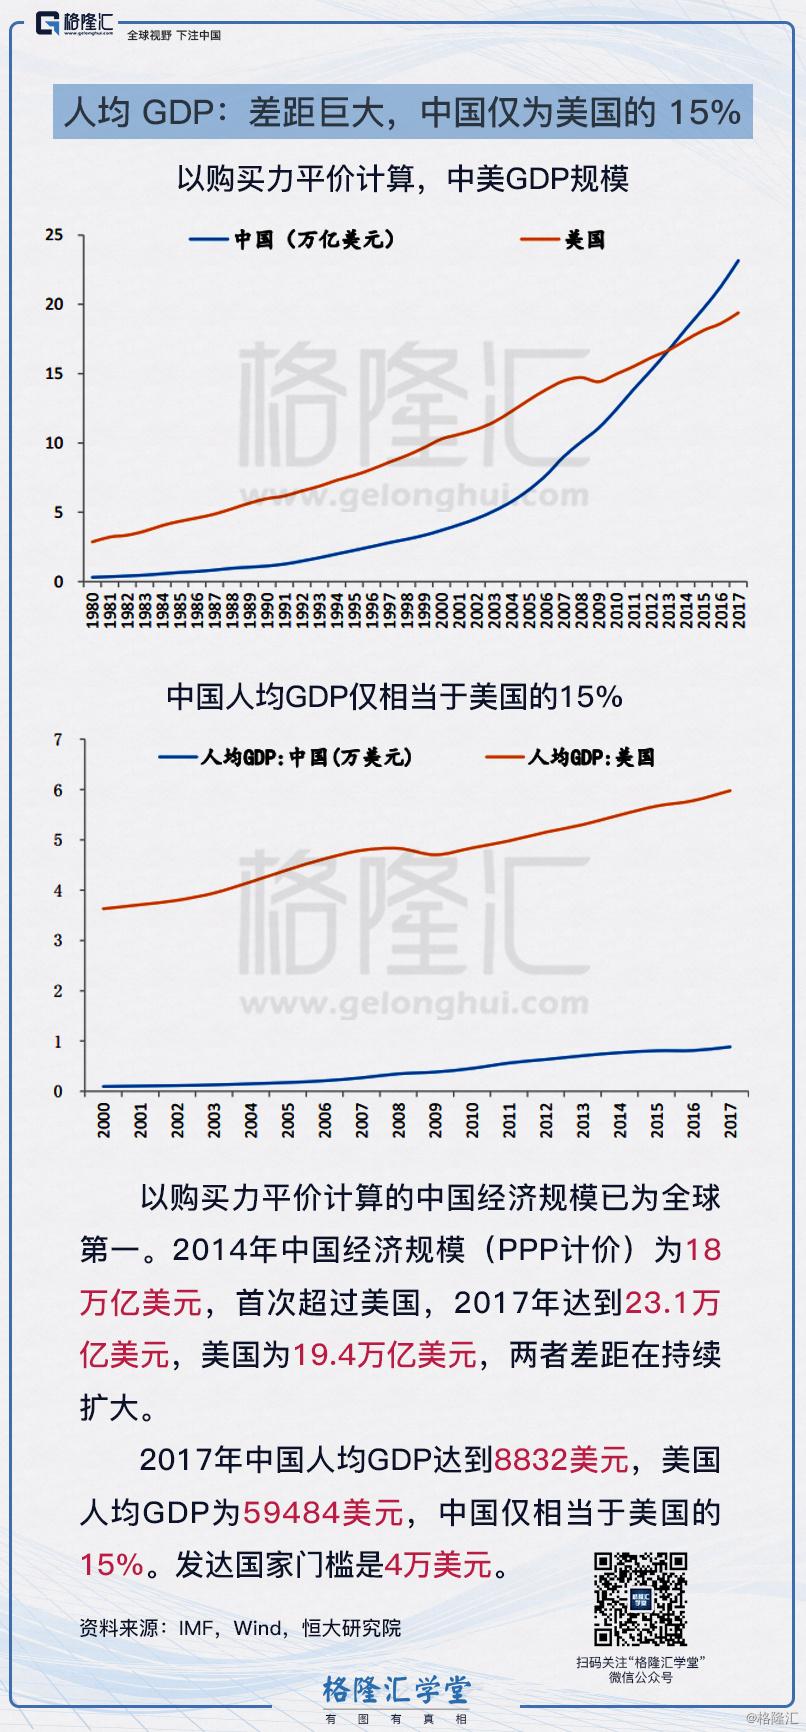 1人均 GDP:差距巨大,中国仅为美国的 15%.jpg